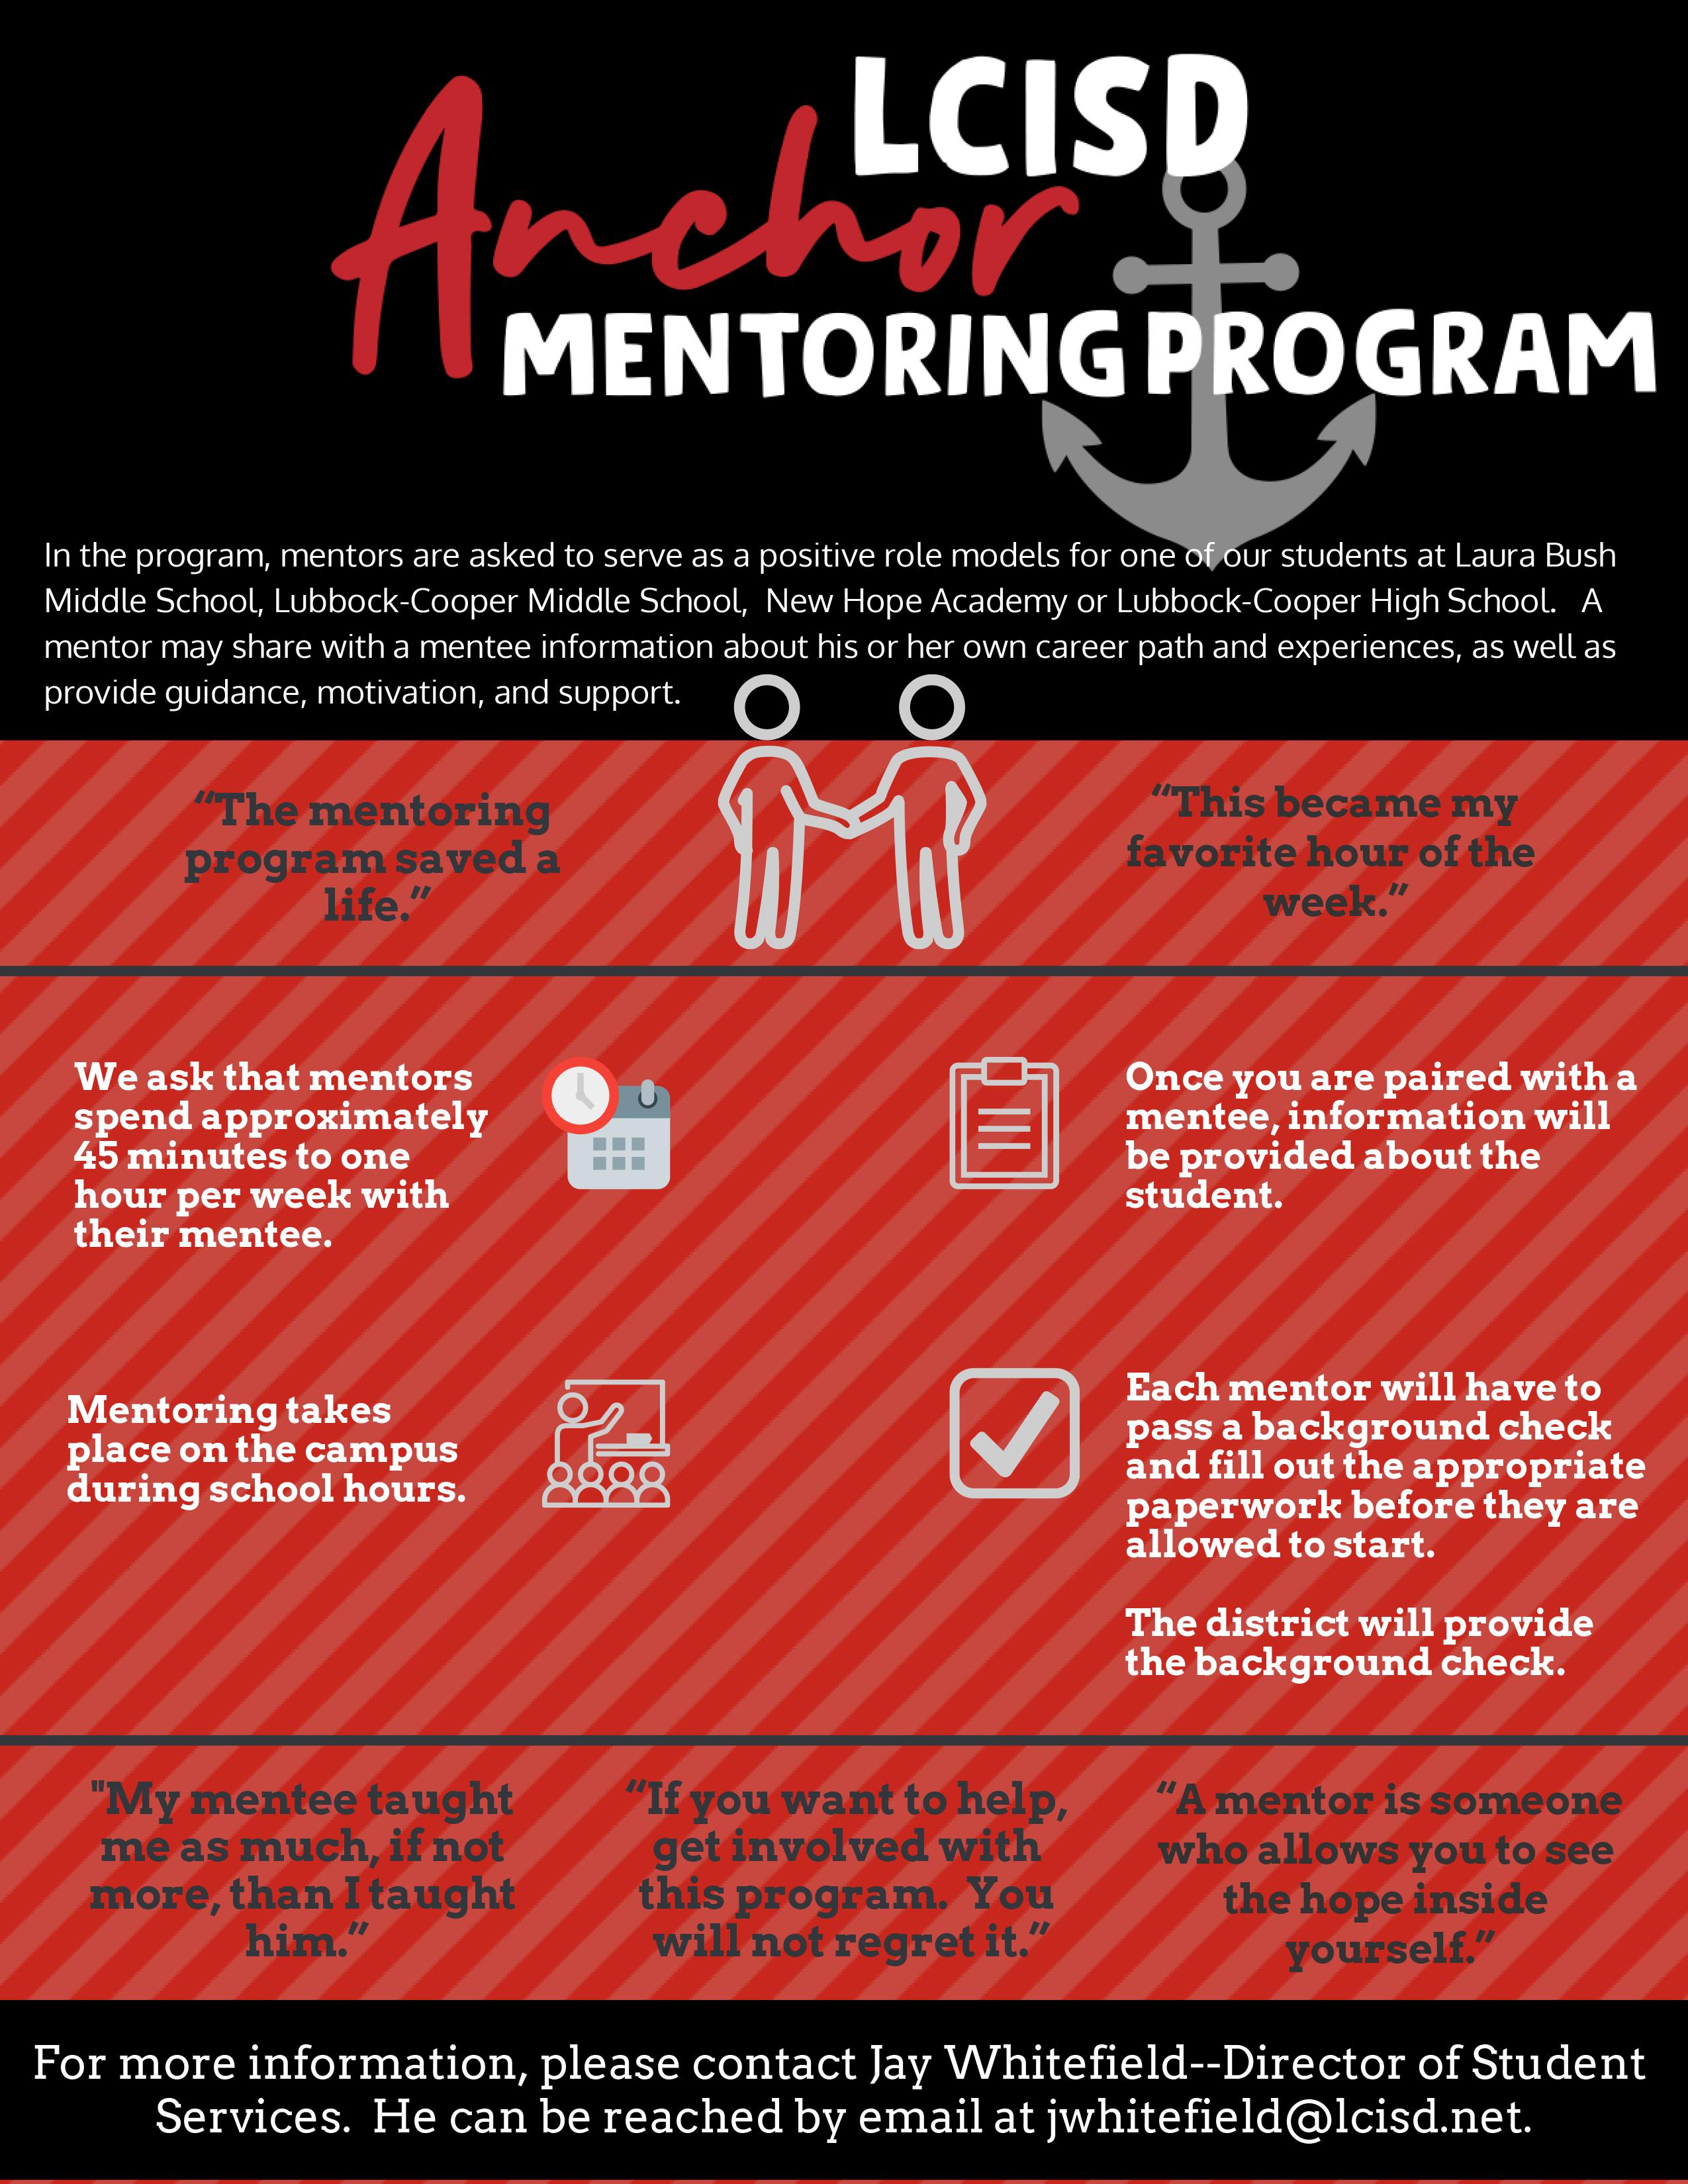 LCISD Mentoring Program